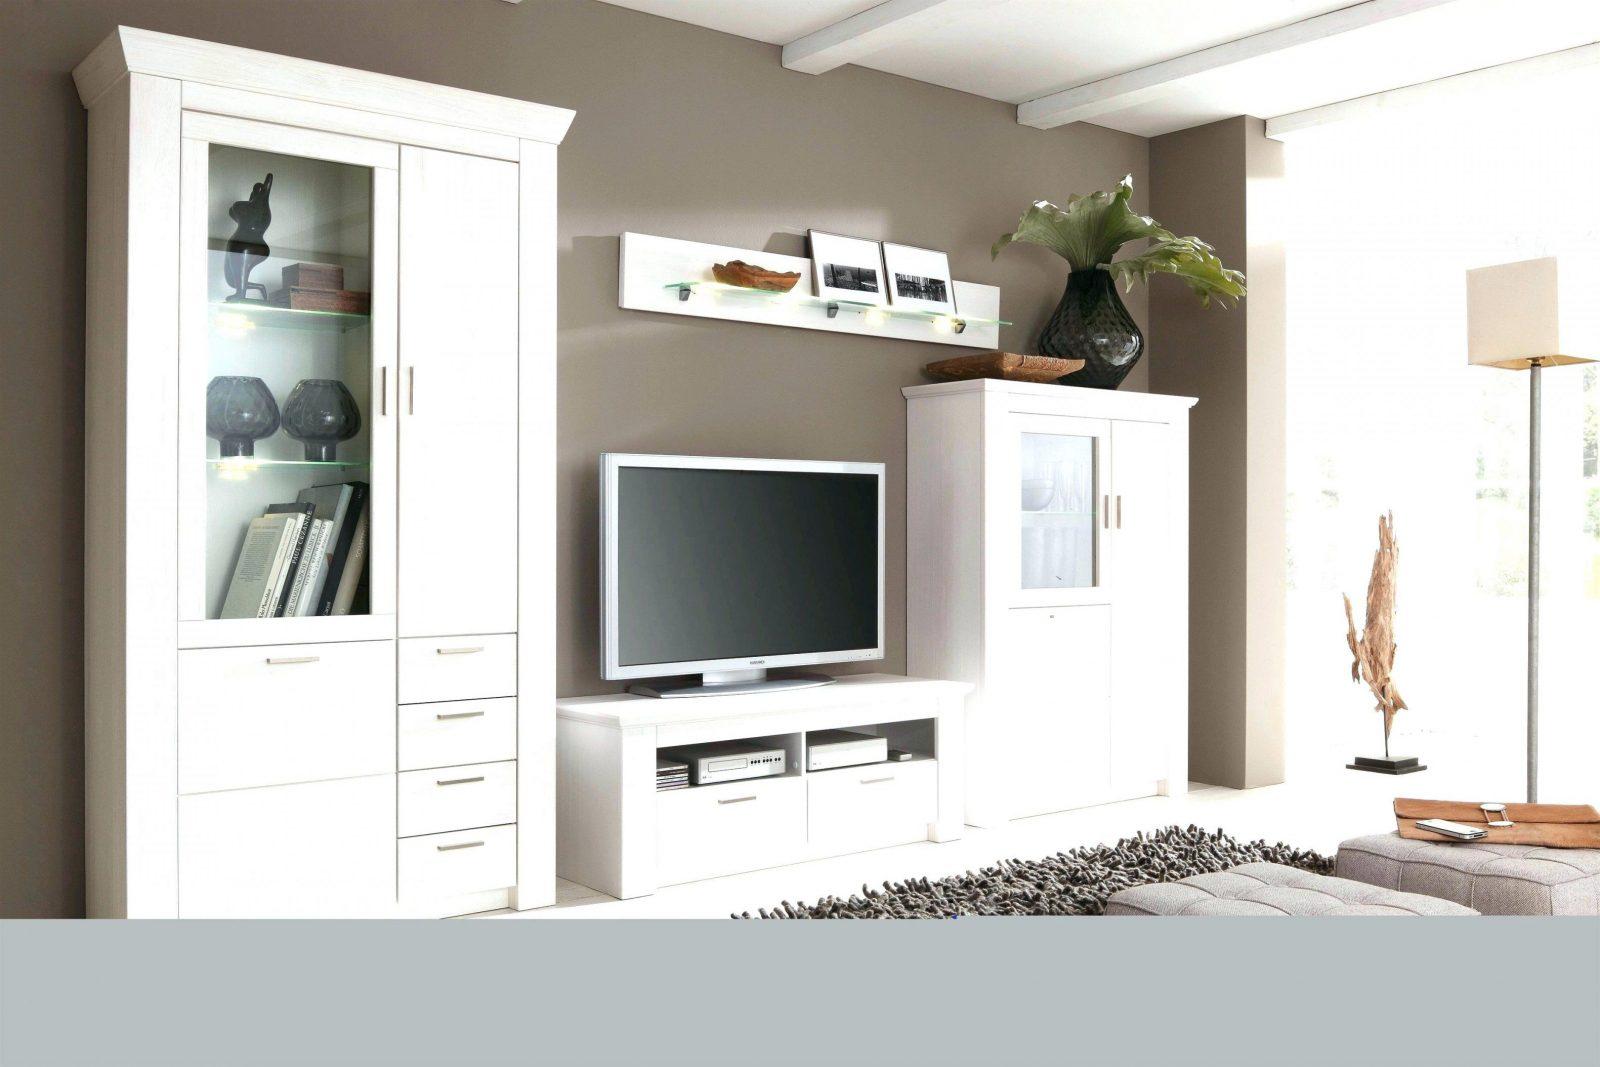 Wohnwand Landhausstil Wei Ikea  Haus Design Ideen